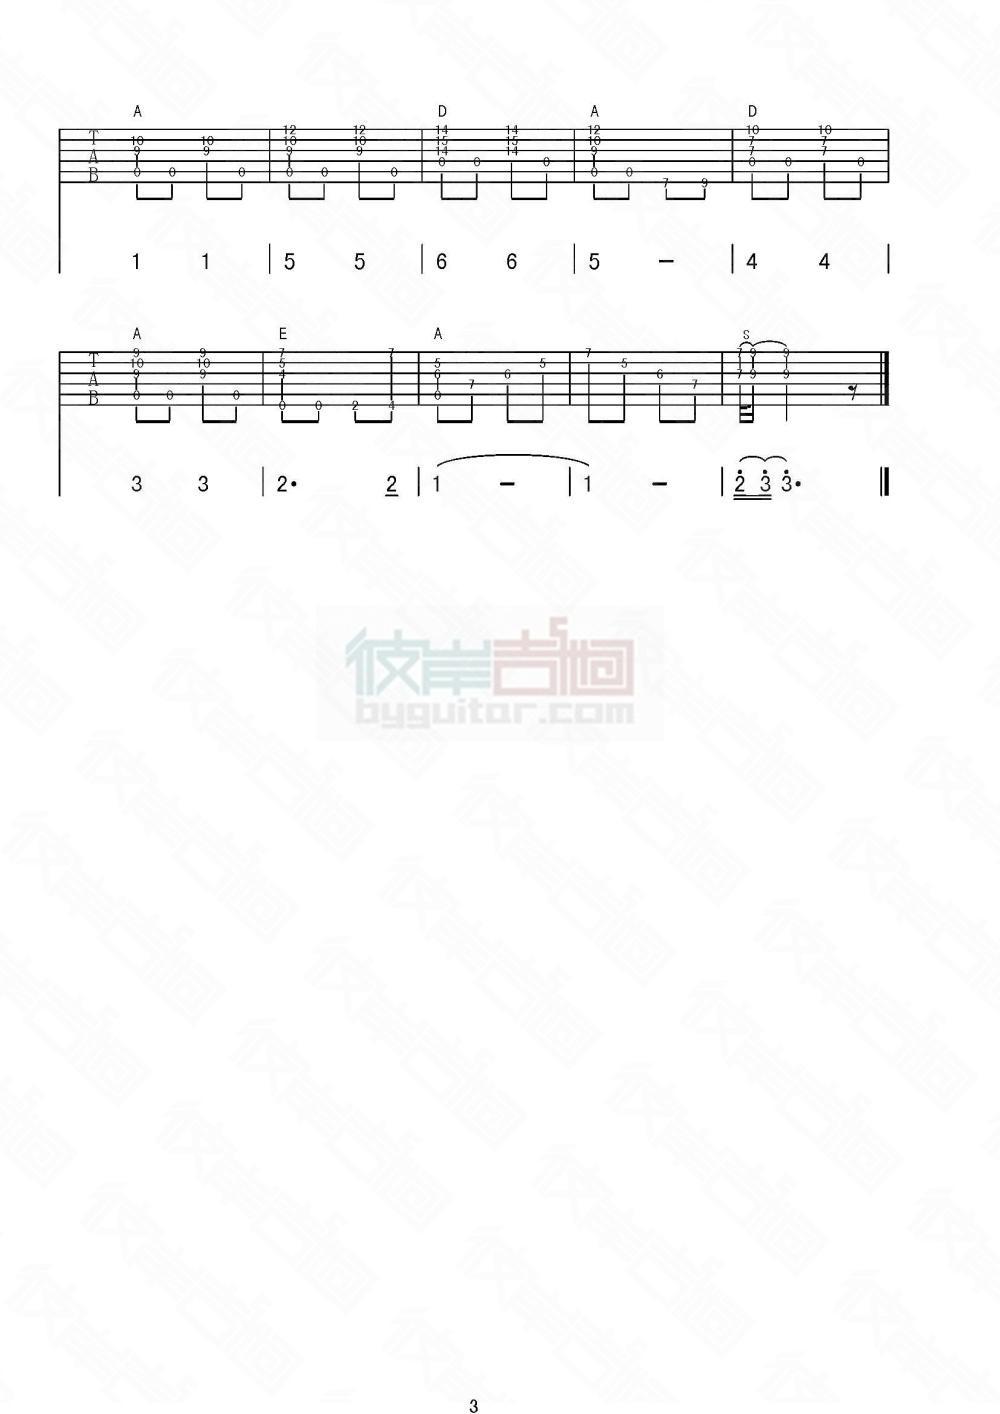 小星星的吉他谱 齐延麟 - 彼岸吉他中国第一吉他网络